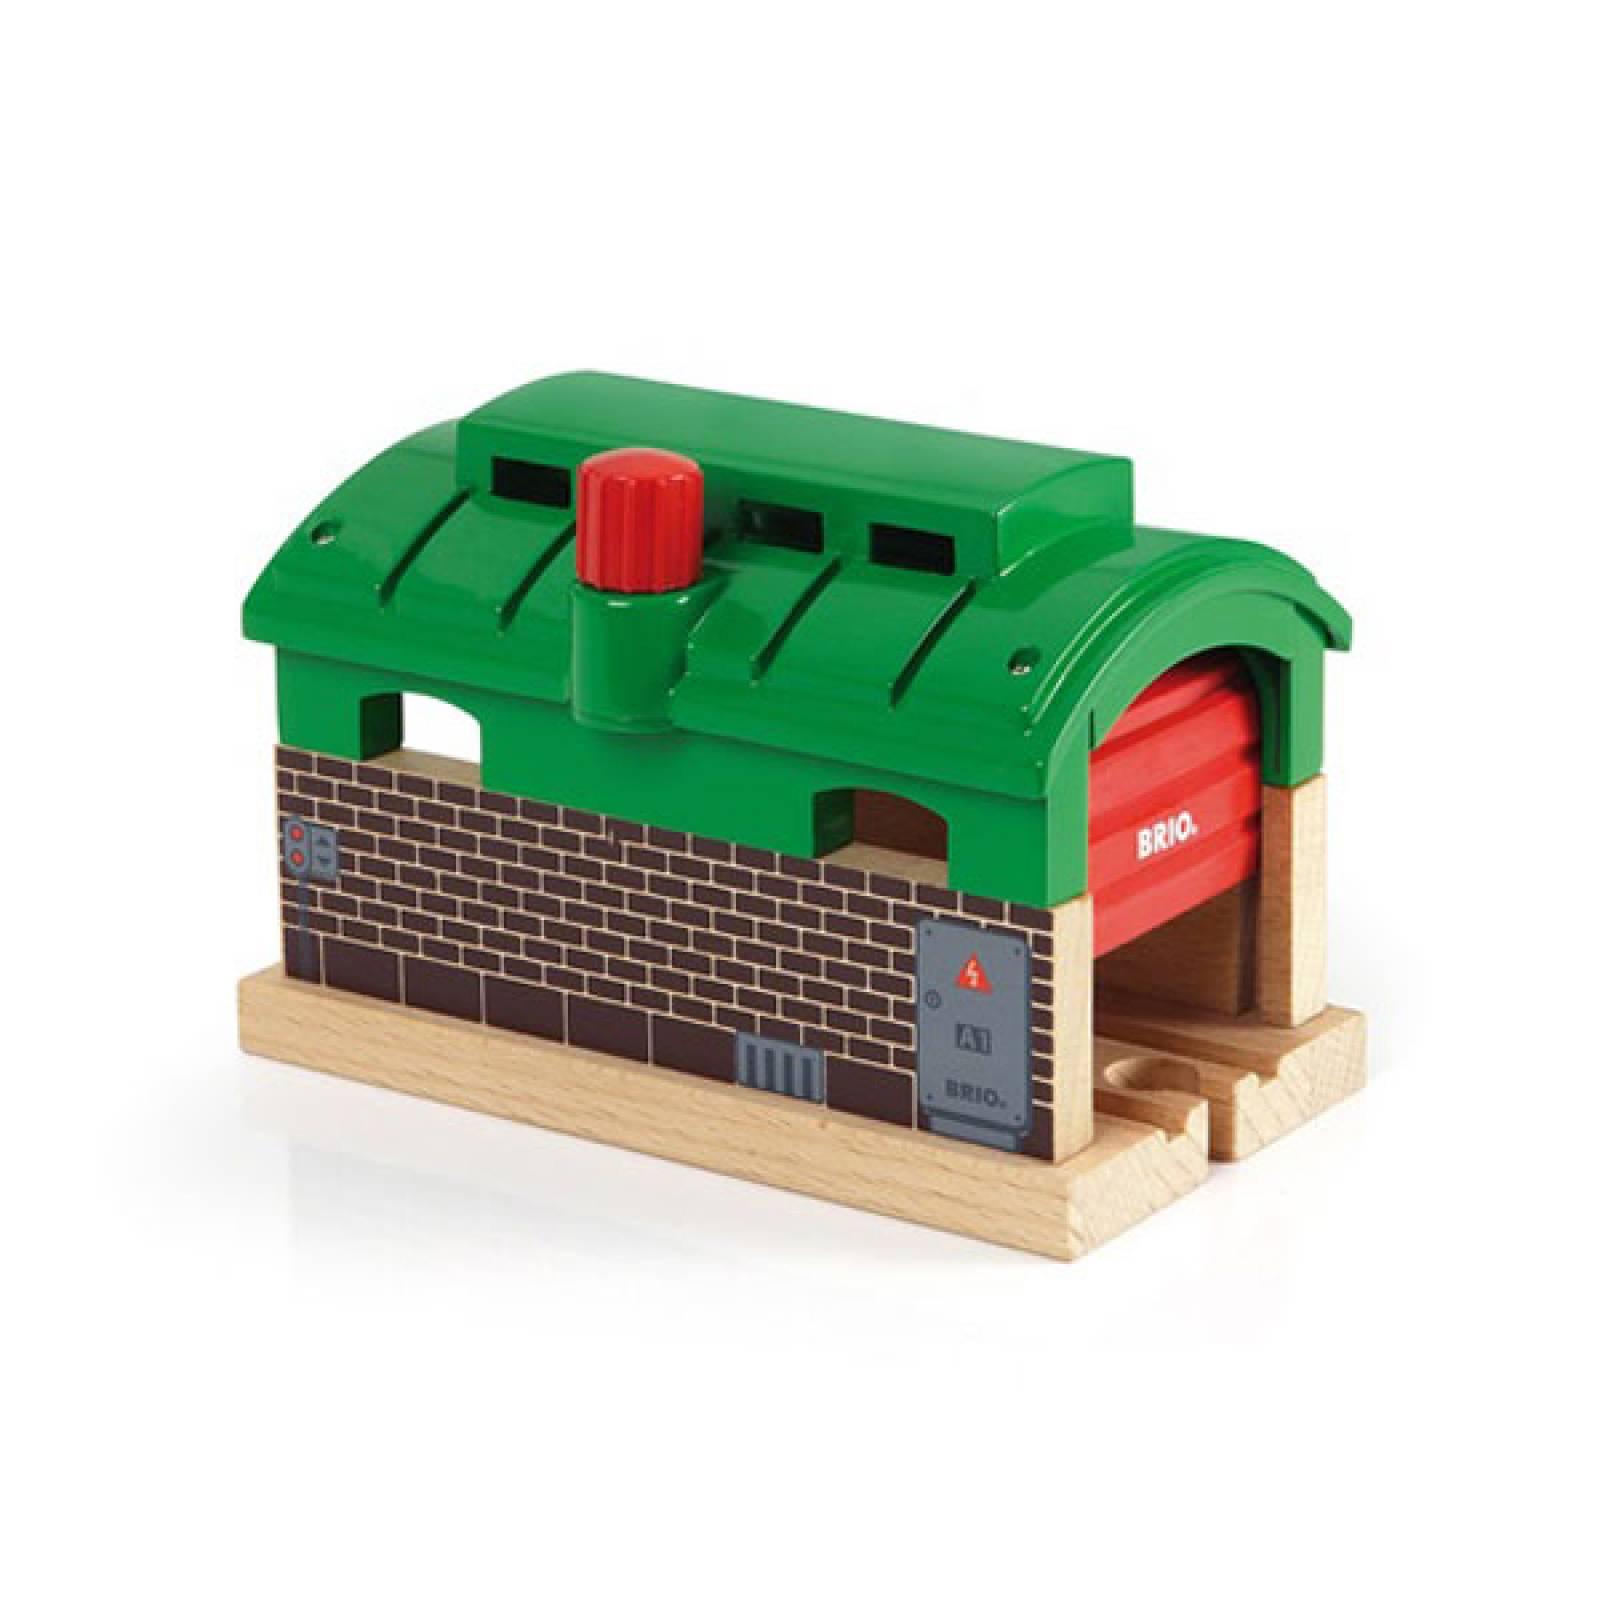 Train Garage BRIO Wooden Railway Age 3+